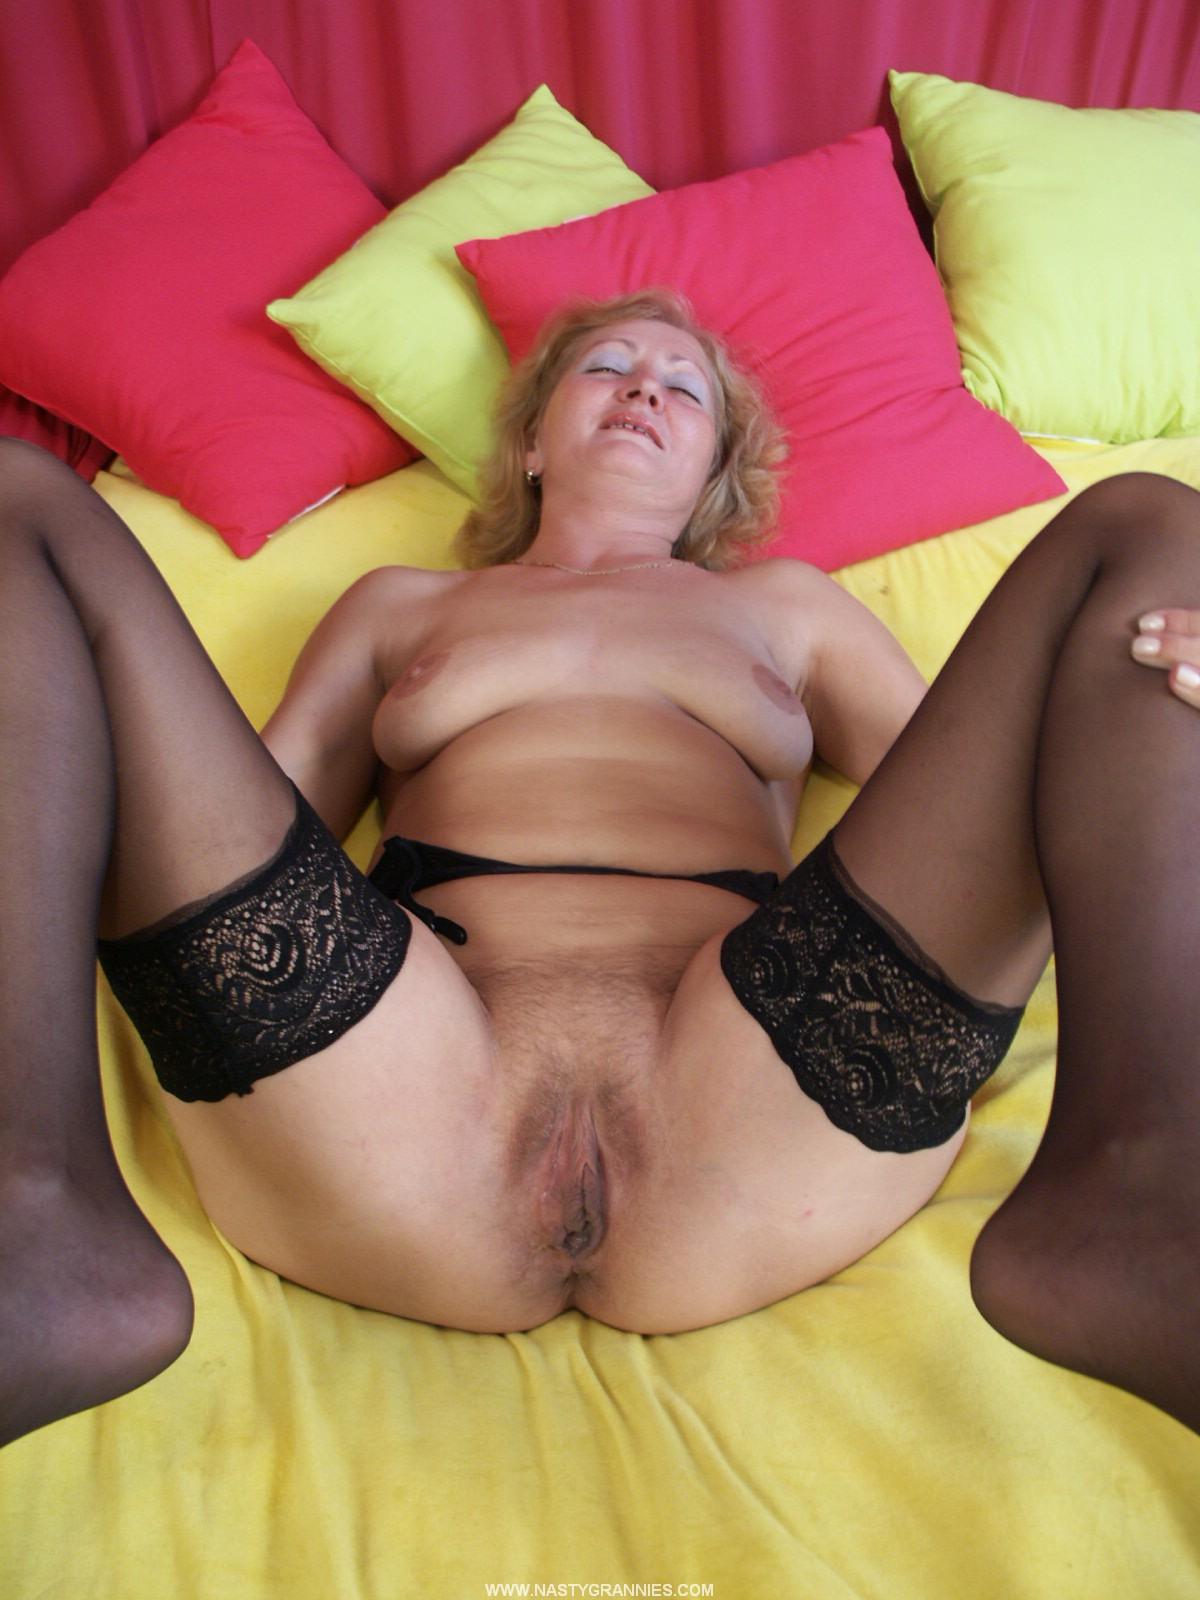 Фото больших половых губ у зрелых женщин 6 фотография